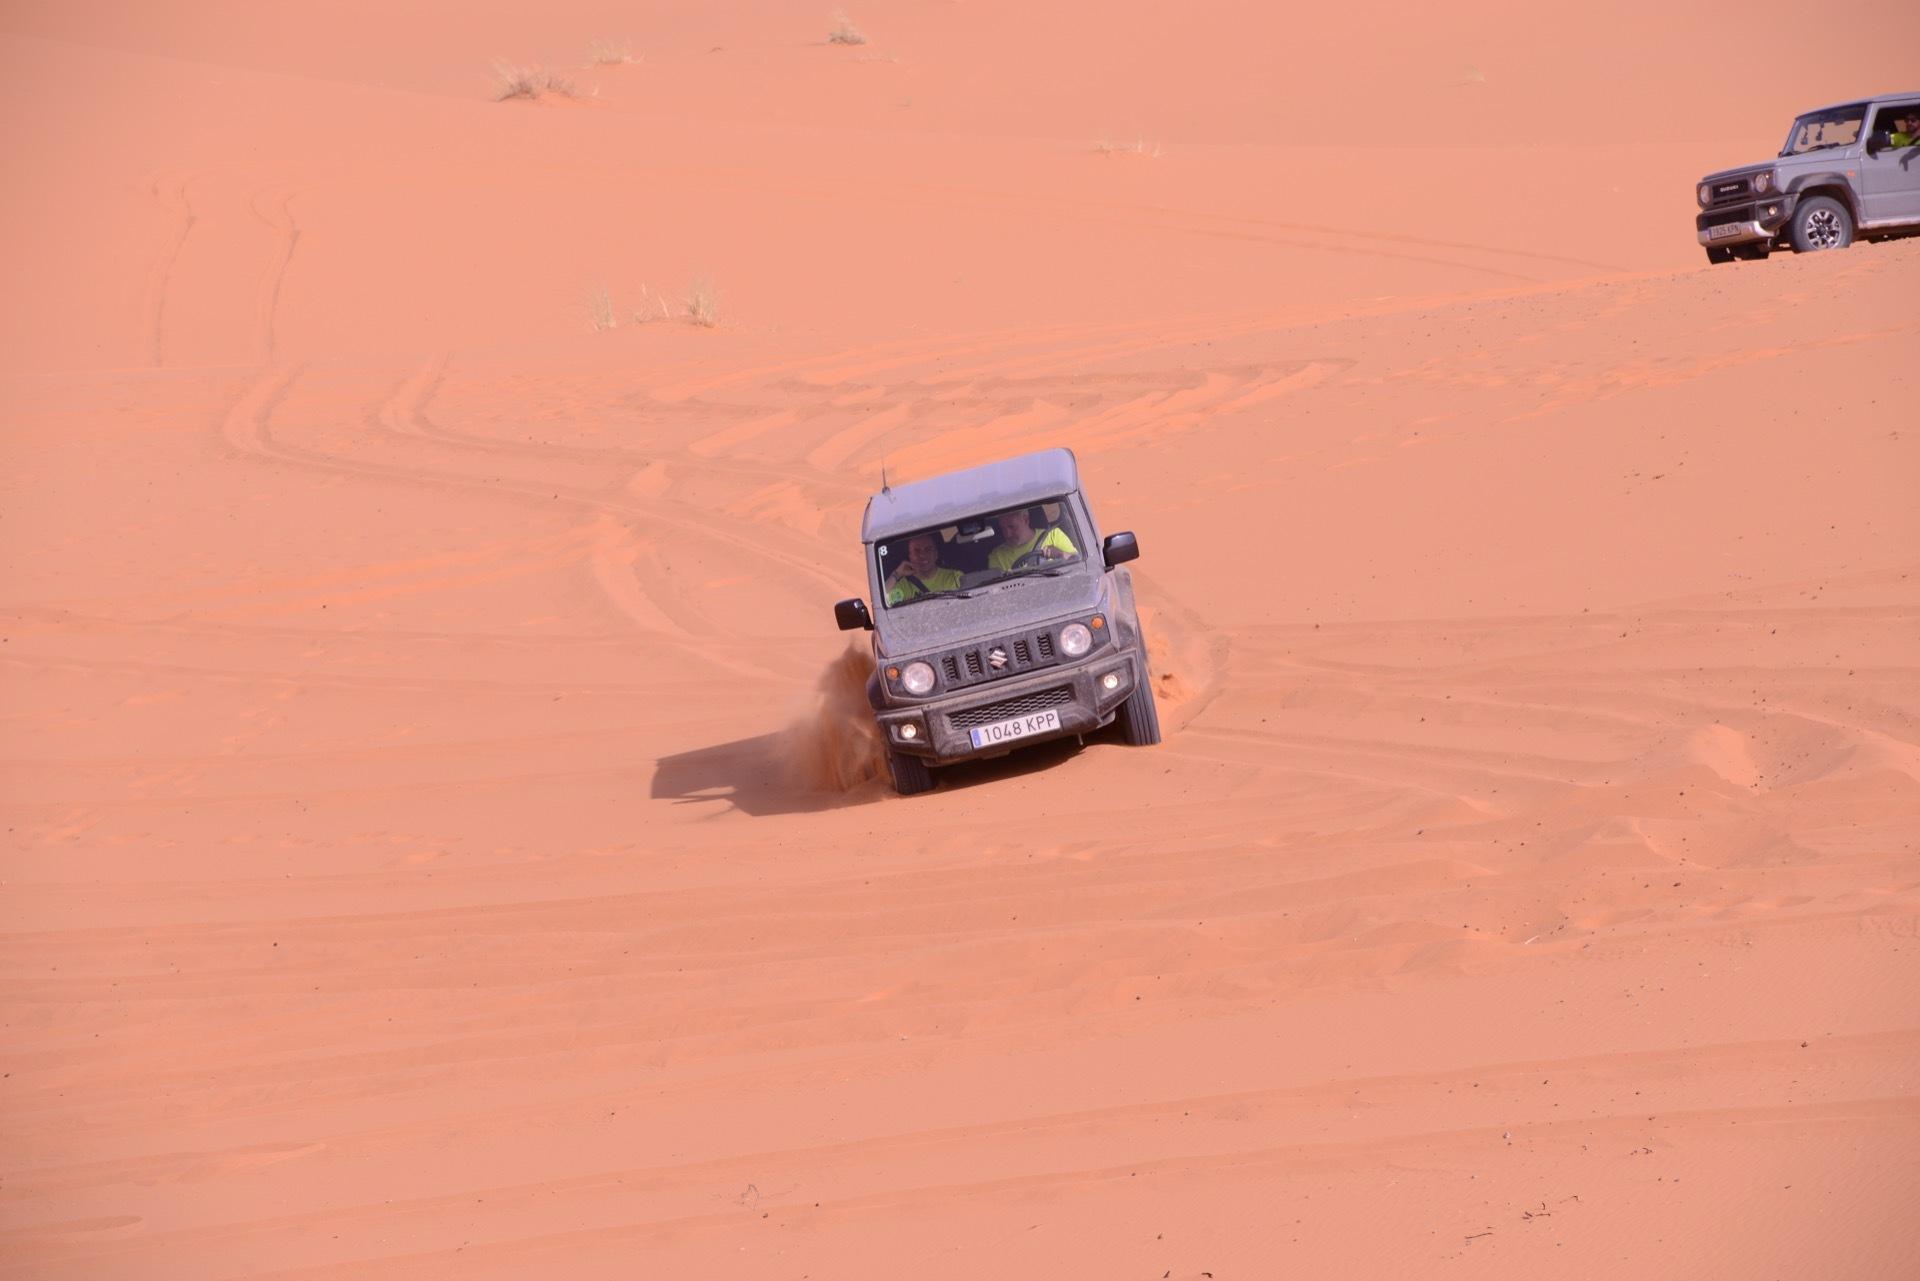 Suzuki Jimny Desert Experience 2019 00174